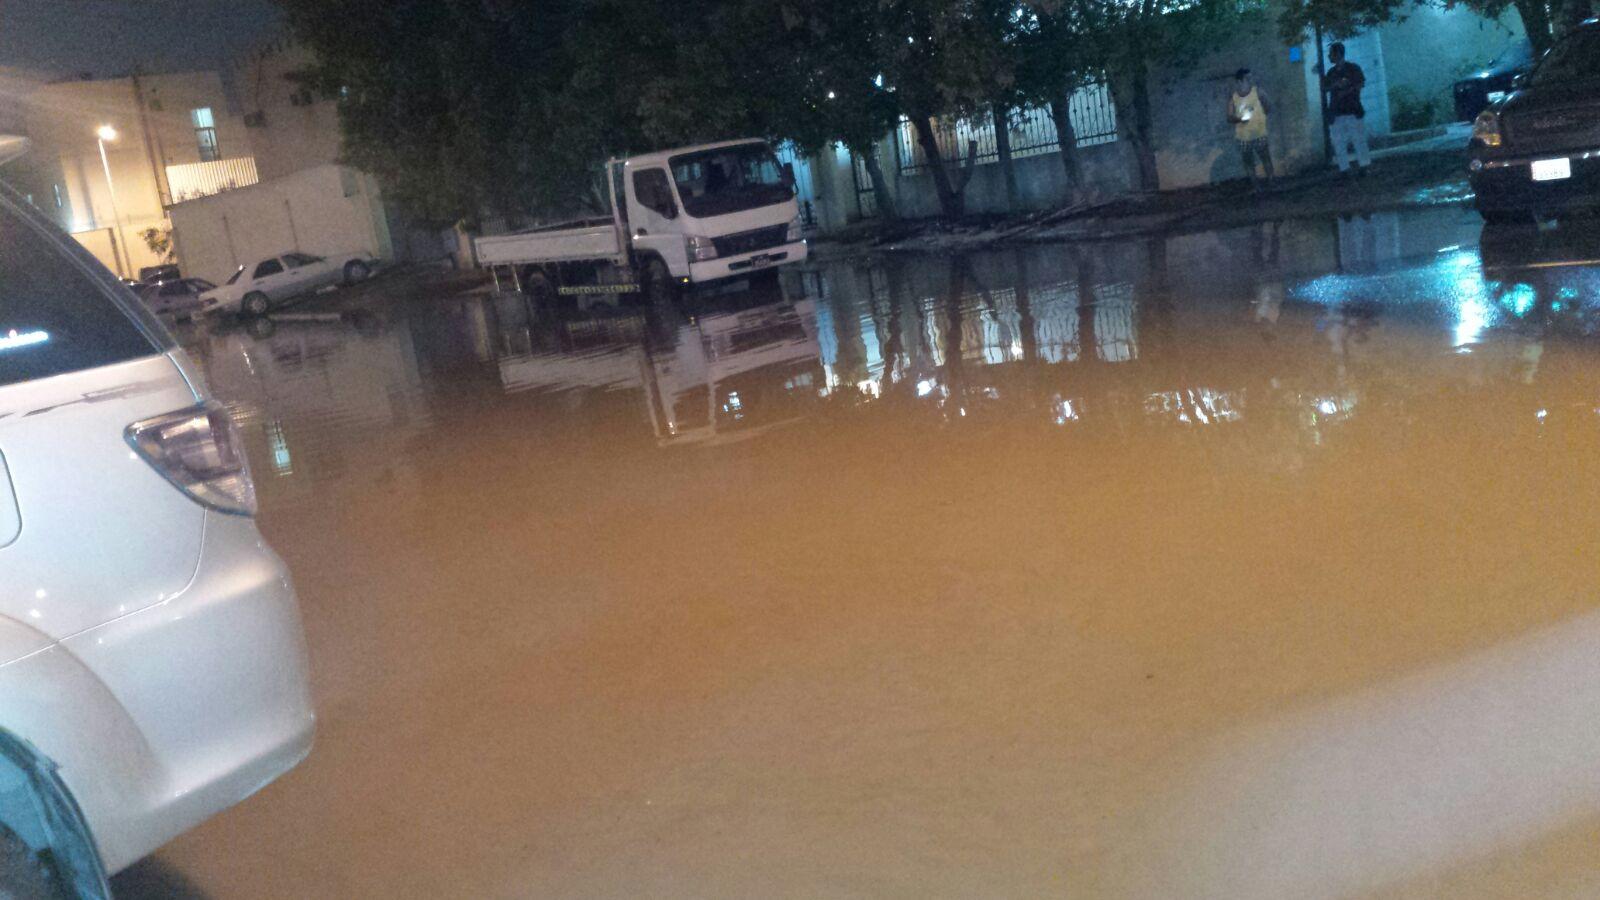 عائلة مصرية في قطر: شقتنا غرقت بعد تجاهل البلية والشرطة اتصالاتنا منذ الصباح